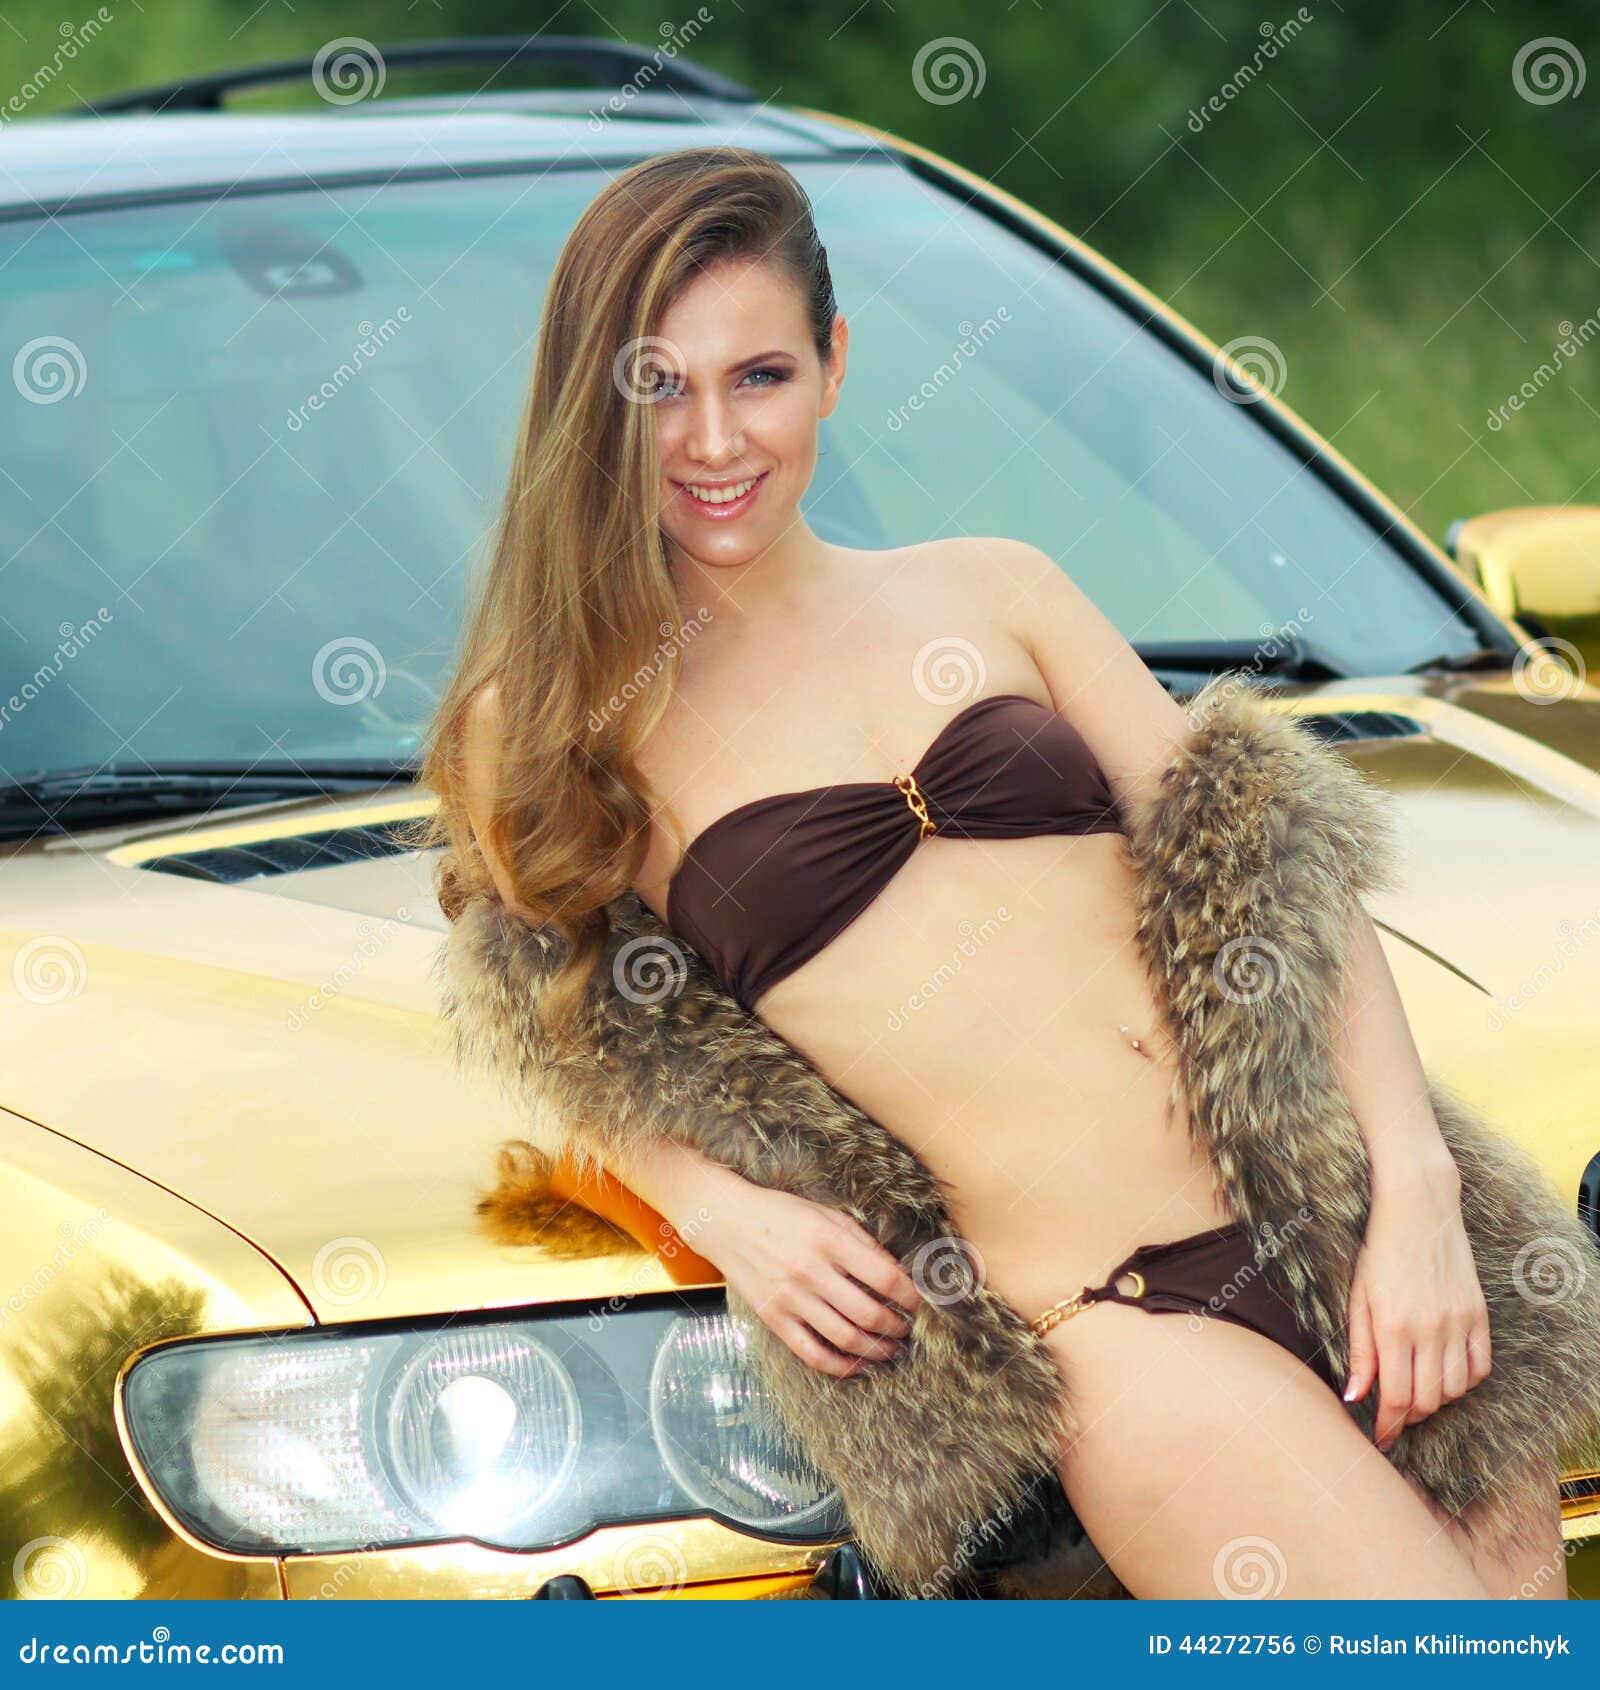 Much bbw sex xx women that loves travel